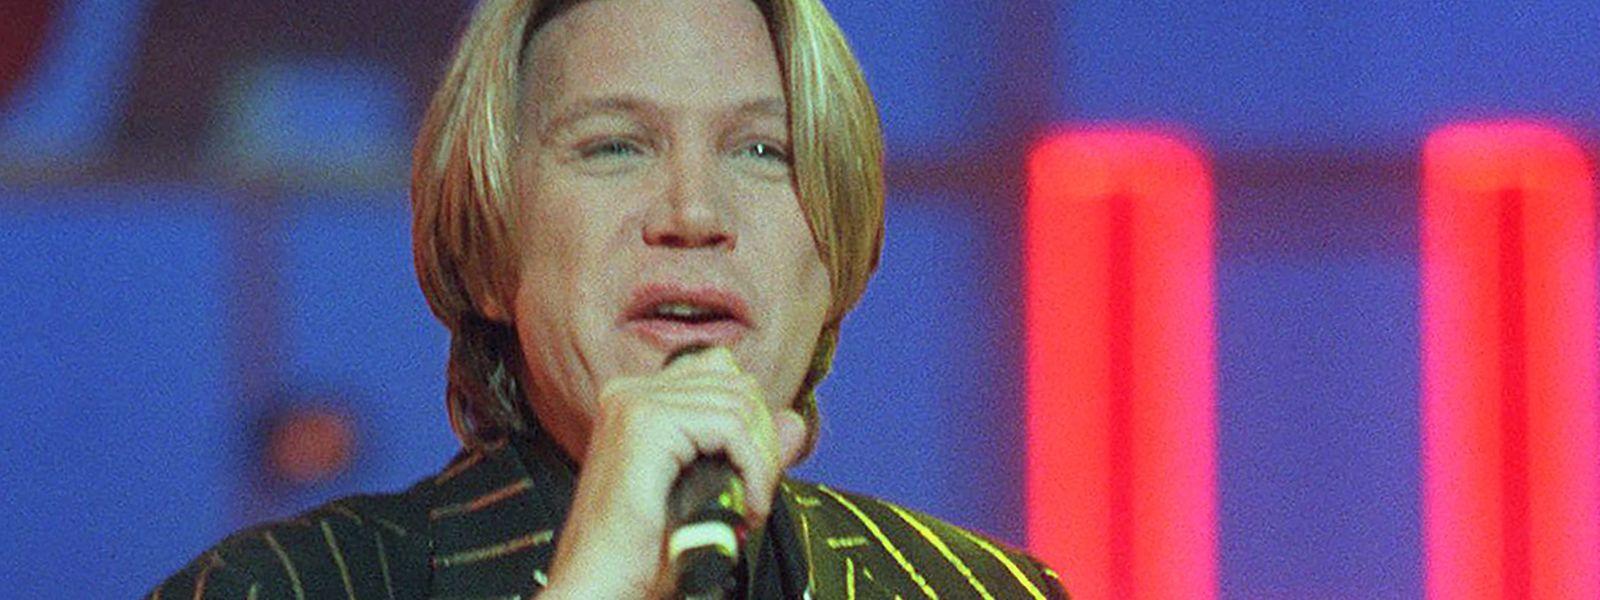 Patrick Juvet bei einem Auftritt in Paris im Jahr 1997.